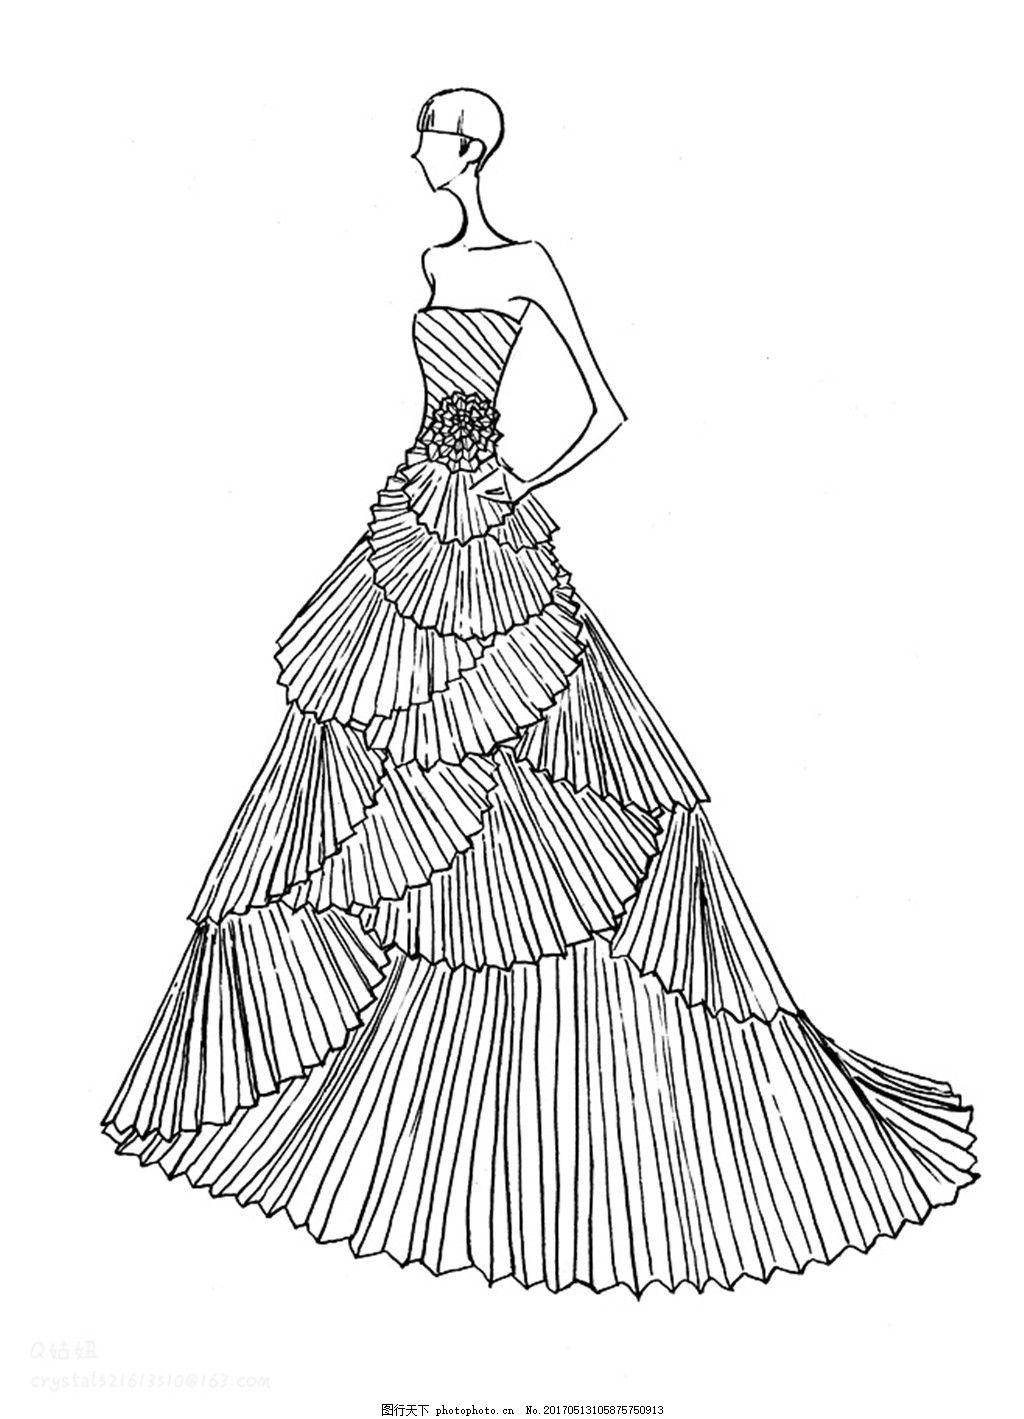 设计图库 现代科技 服装设计  单肩扇形礼服设计图 服装设计 时尚女装